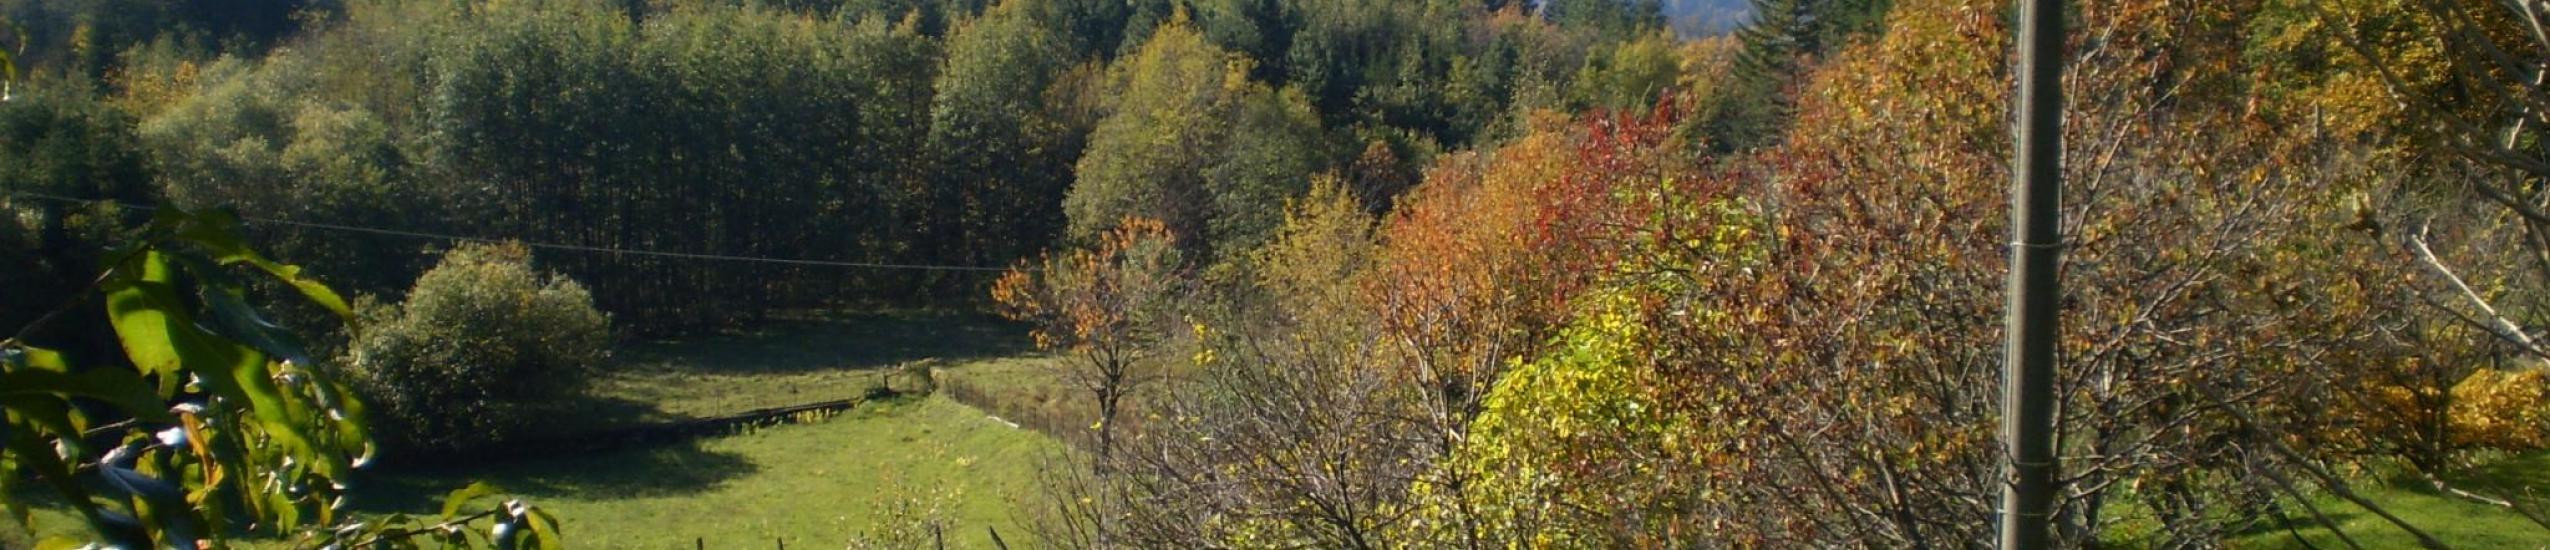 Vista panoramica del bosco e dei prati